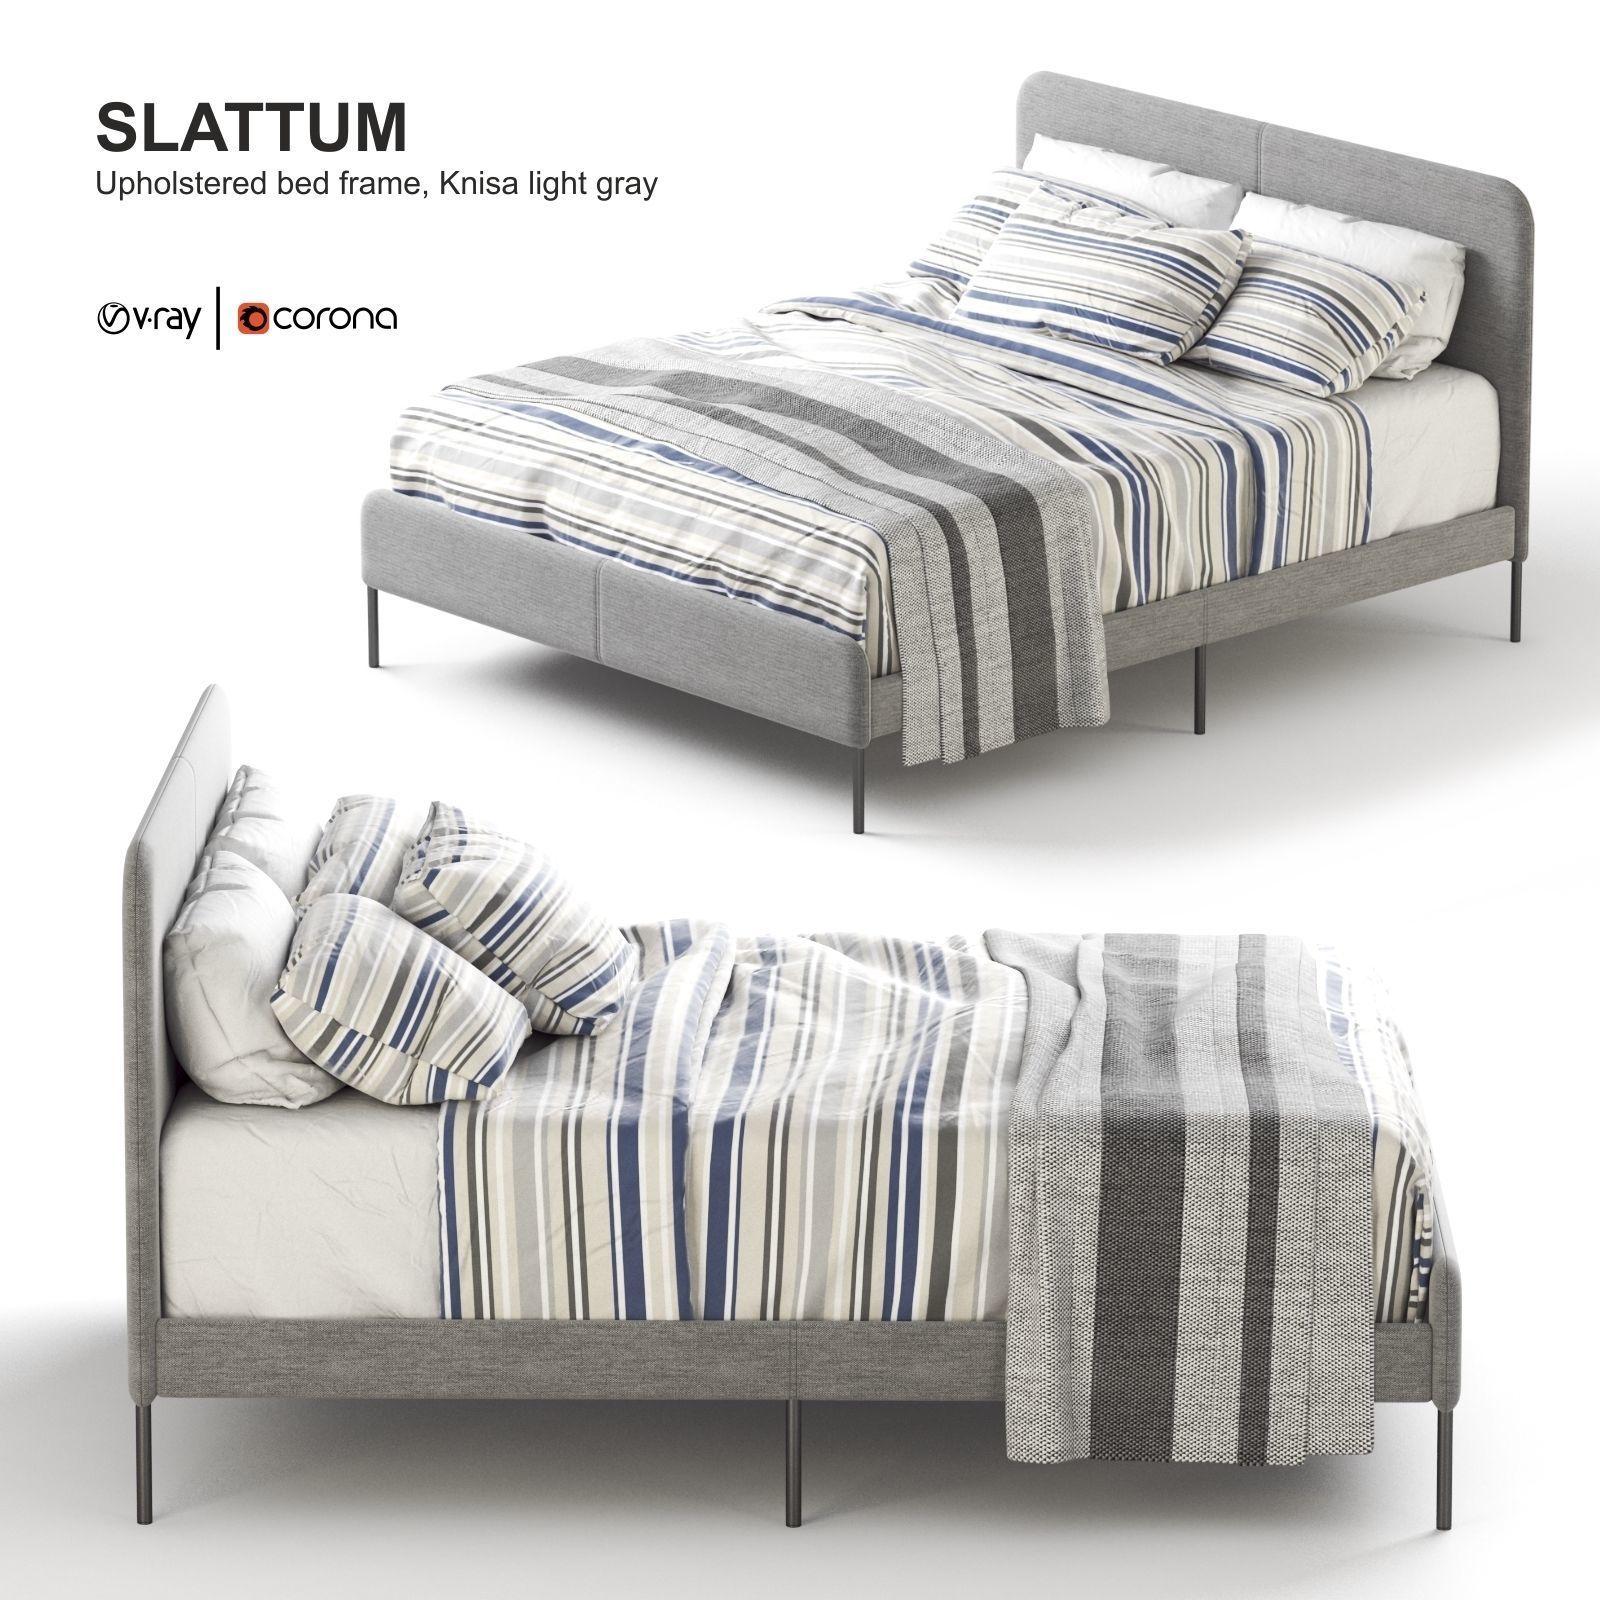 Ikea Slattum Upholstered Bed Model